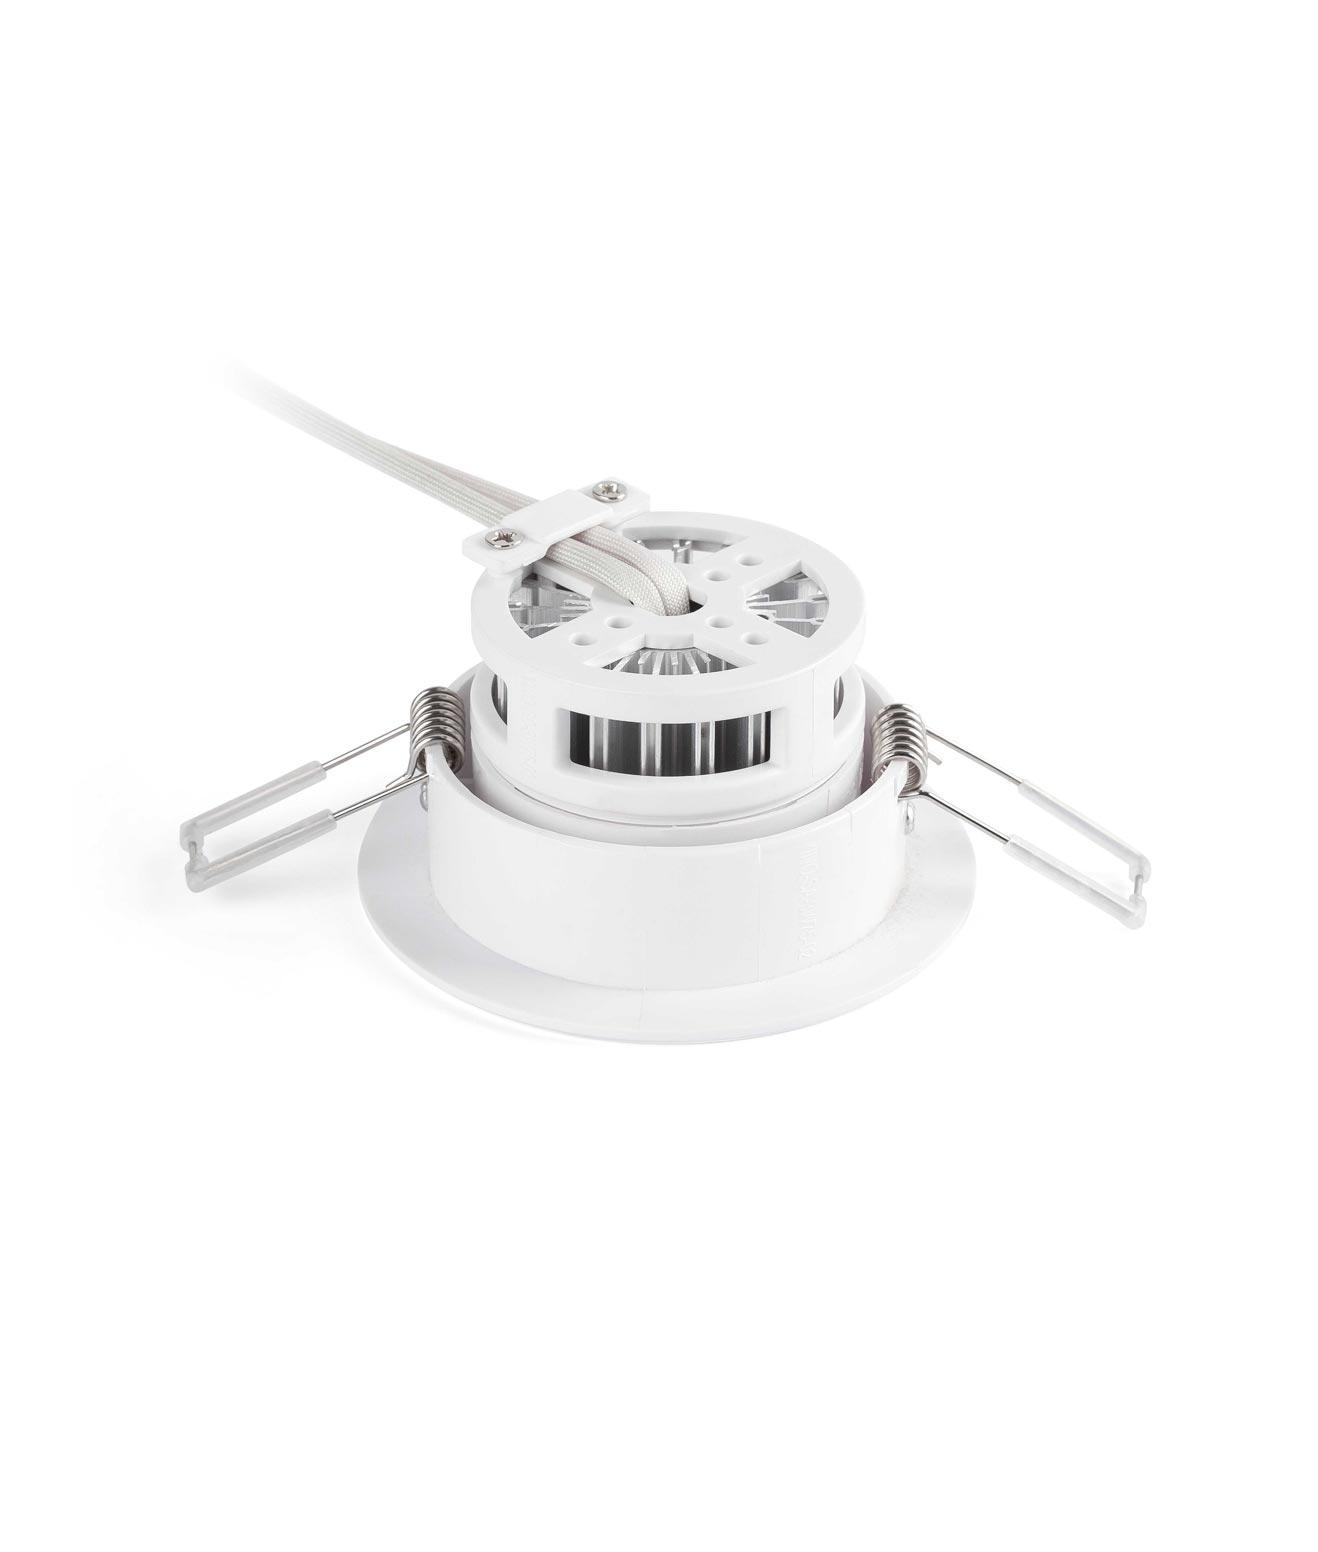 Empotrable orientable LED KOI blanco detalle